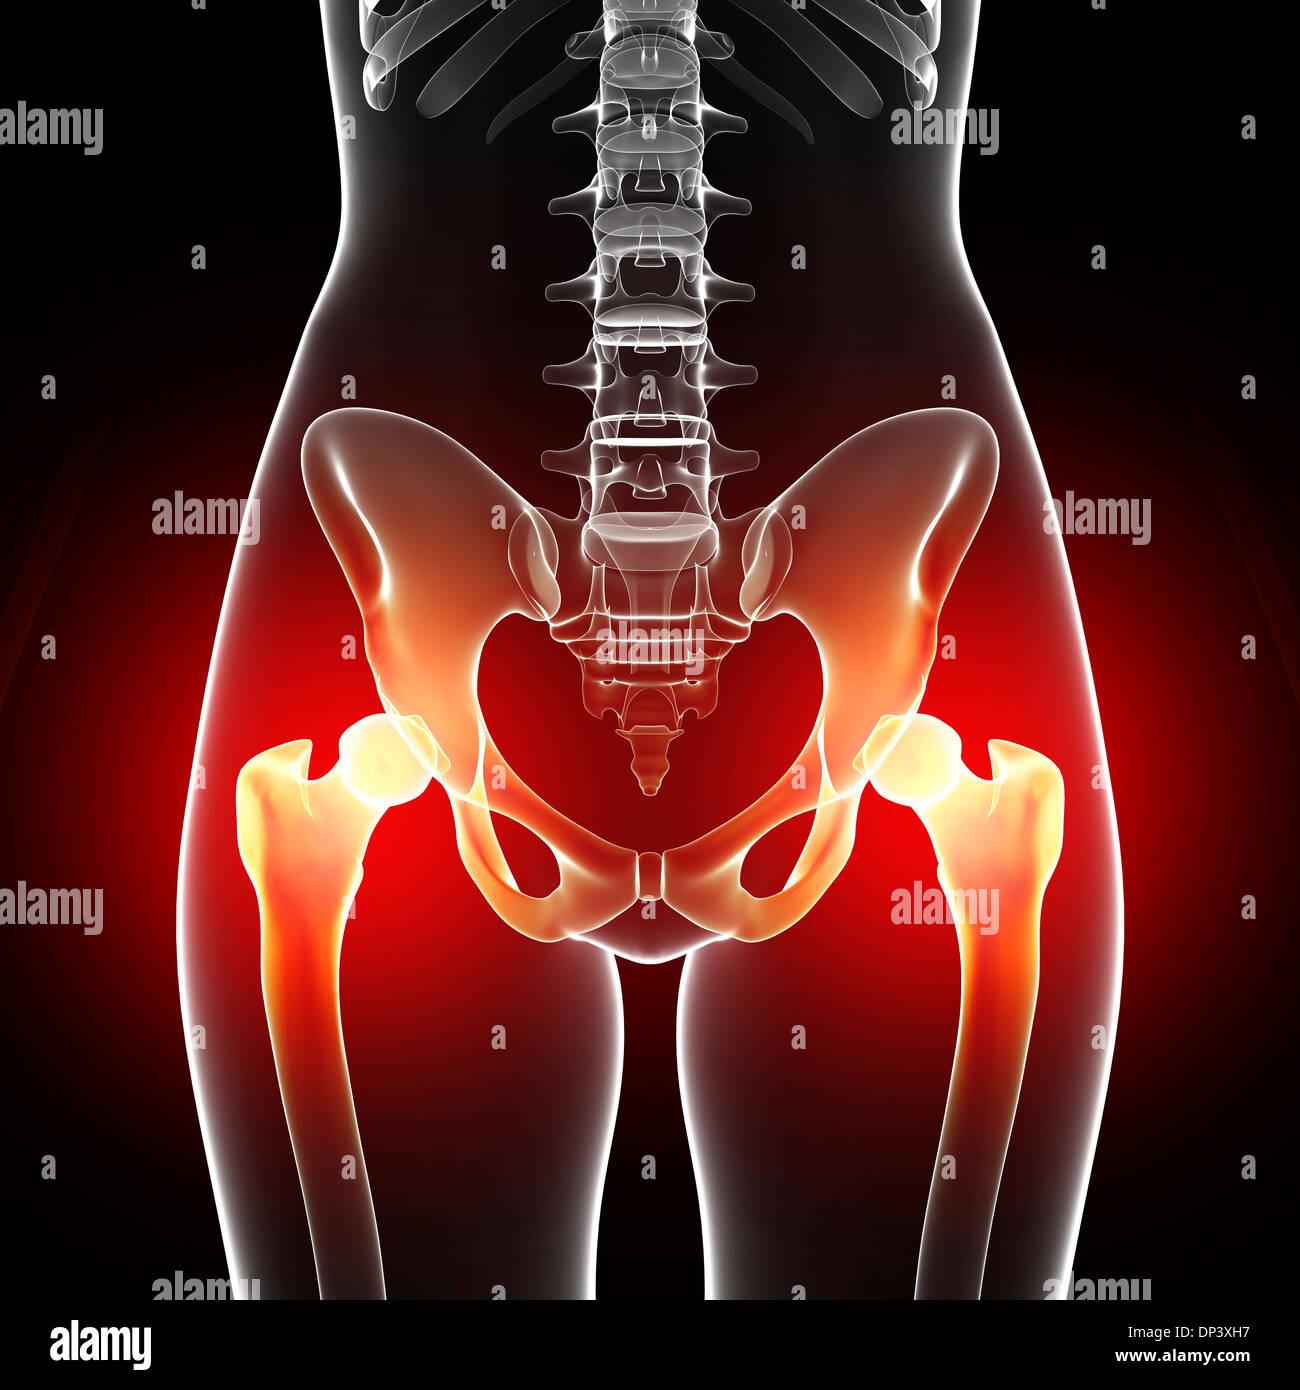 Pelvic Pain Stockfotos & Pelvic Pain Bilder - Alamy